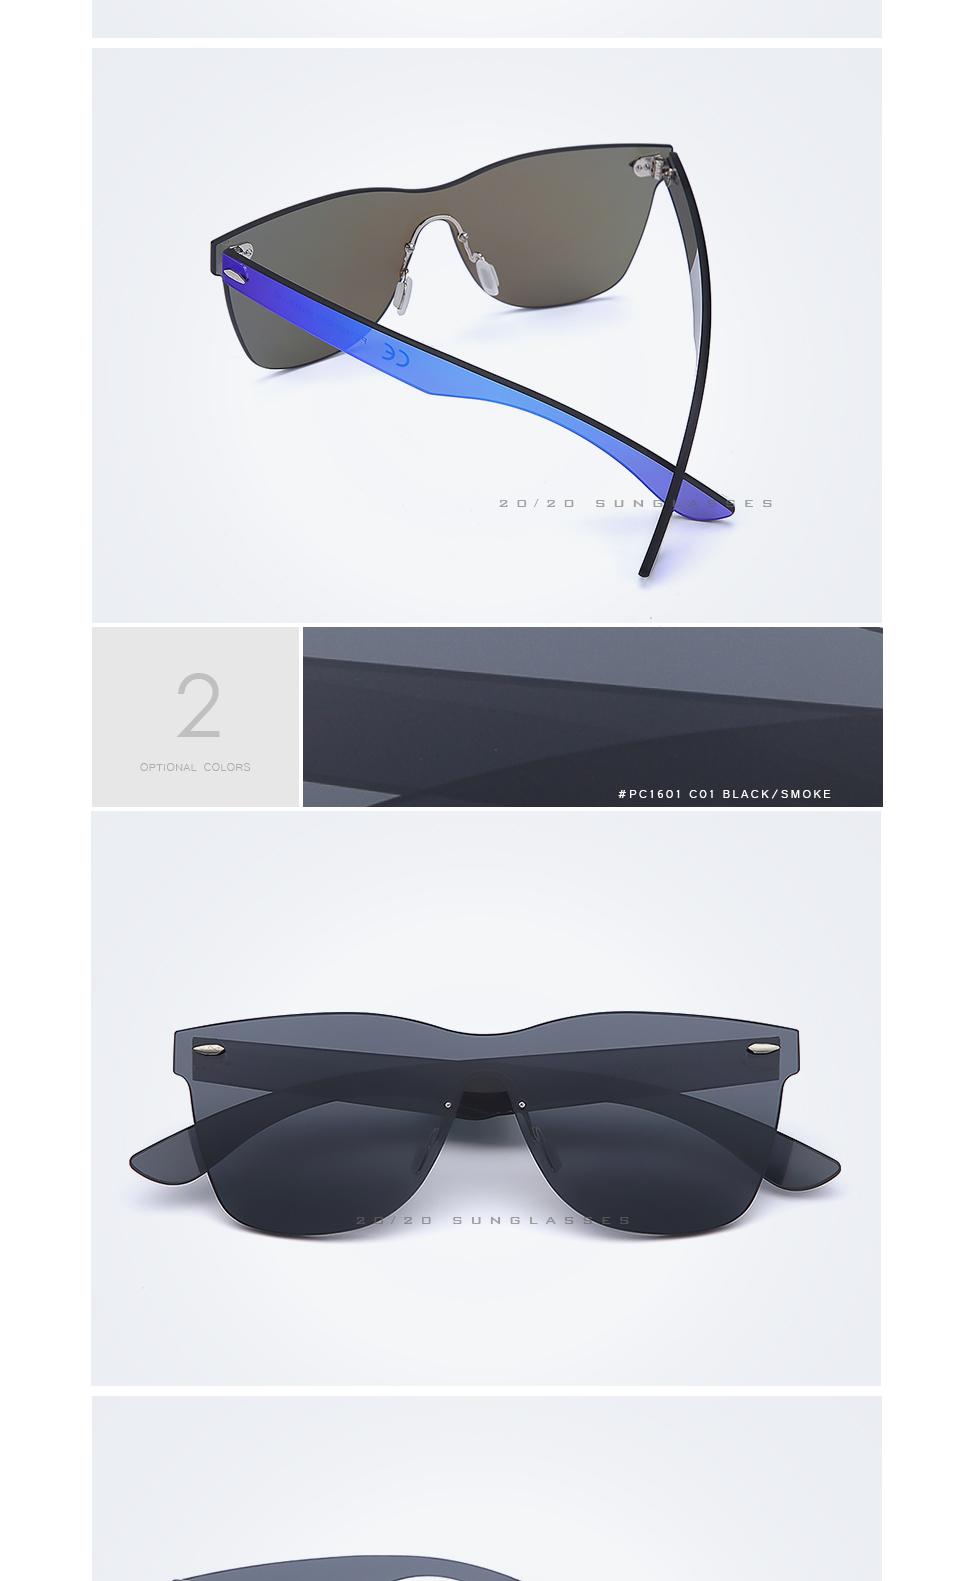 20/20 Marka Vintage Style Bez Oprawek Okularów Przeciwsłonecznych Mężczyzna Soczewka Płaska PC1601 Kwadratowych Rama Kobiety Okulary Óculos Gafas 3